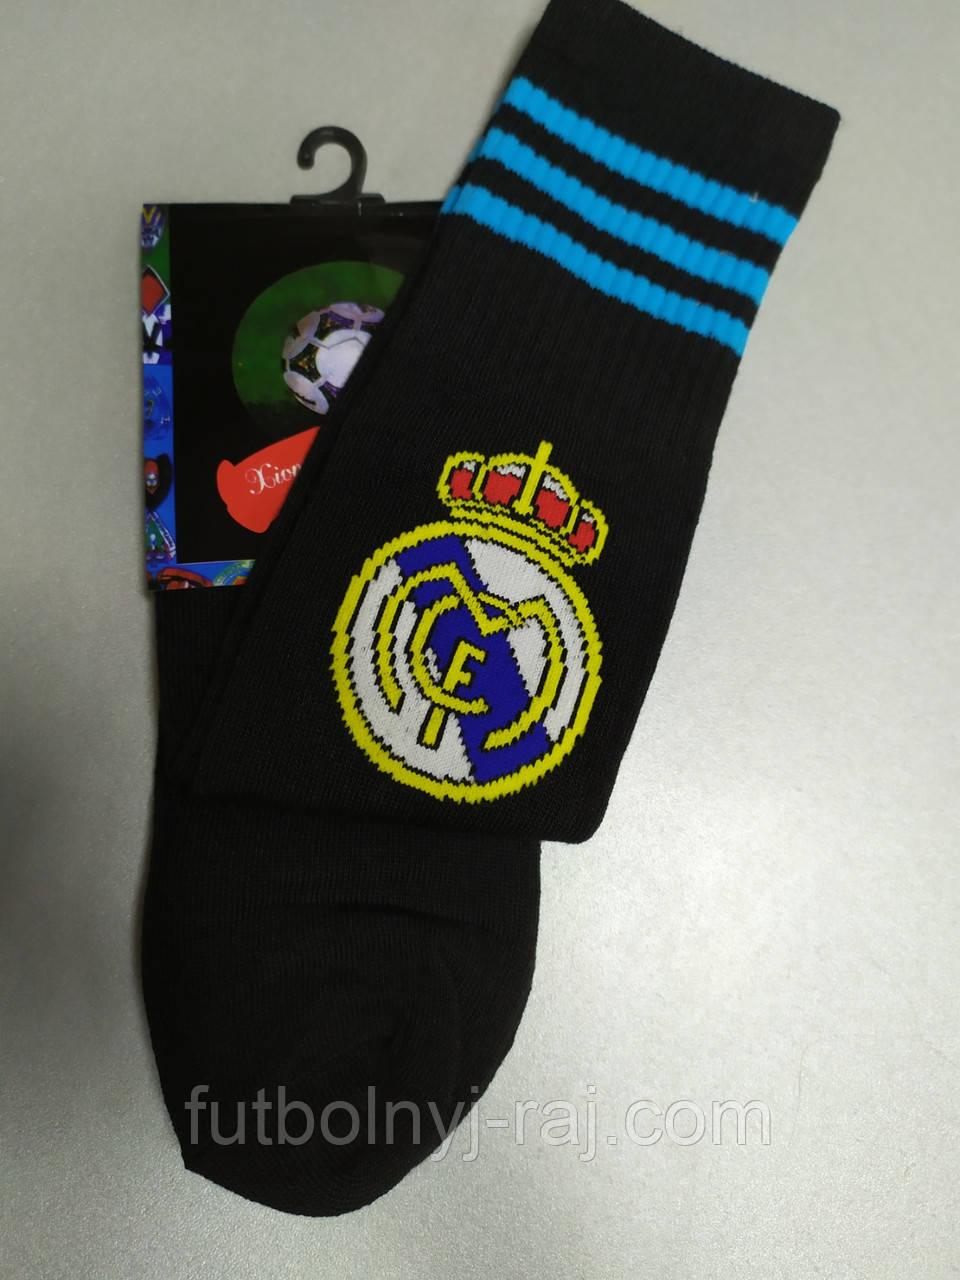 Футбольні гетри дитячі з символікою Real Madrid FC